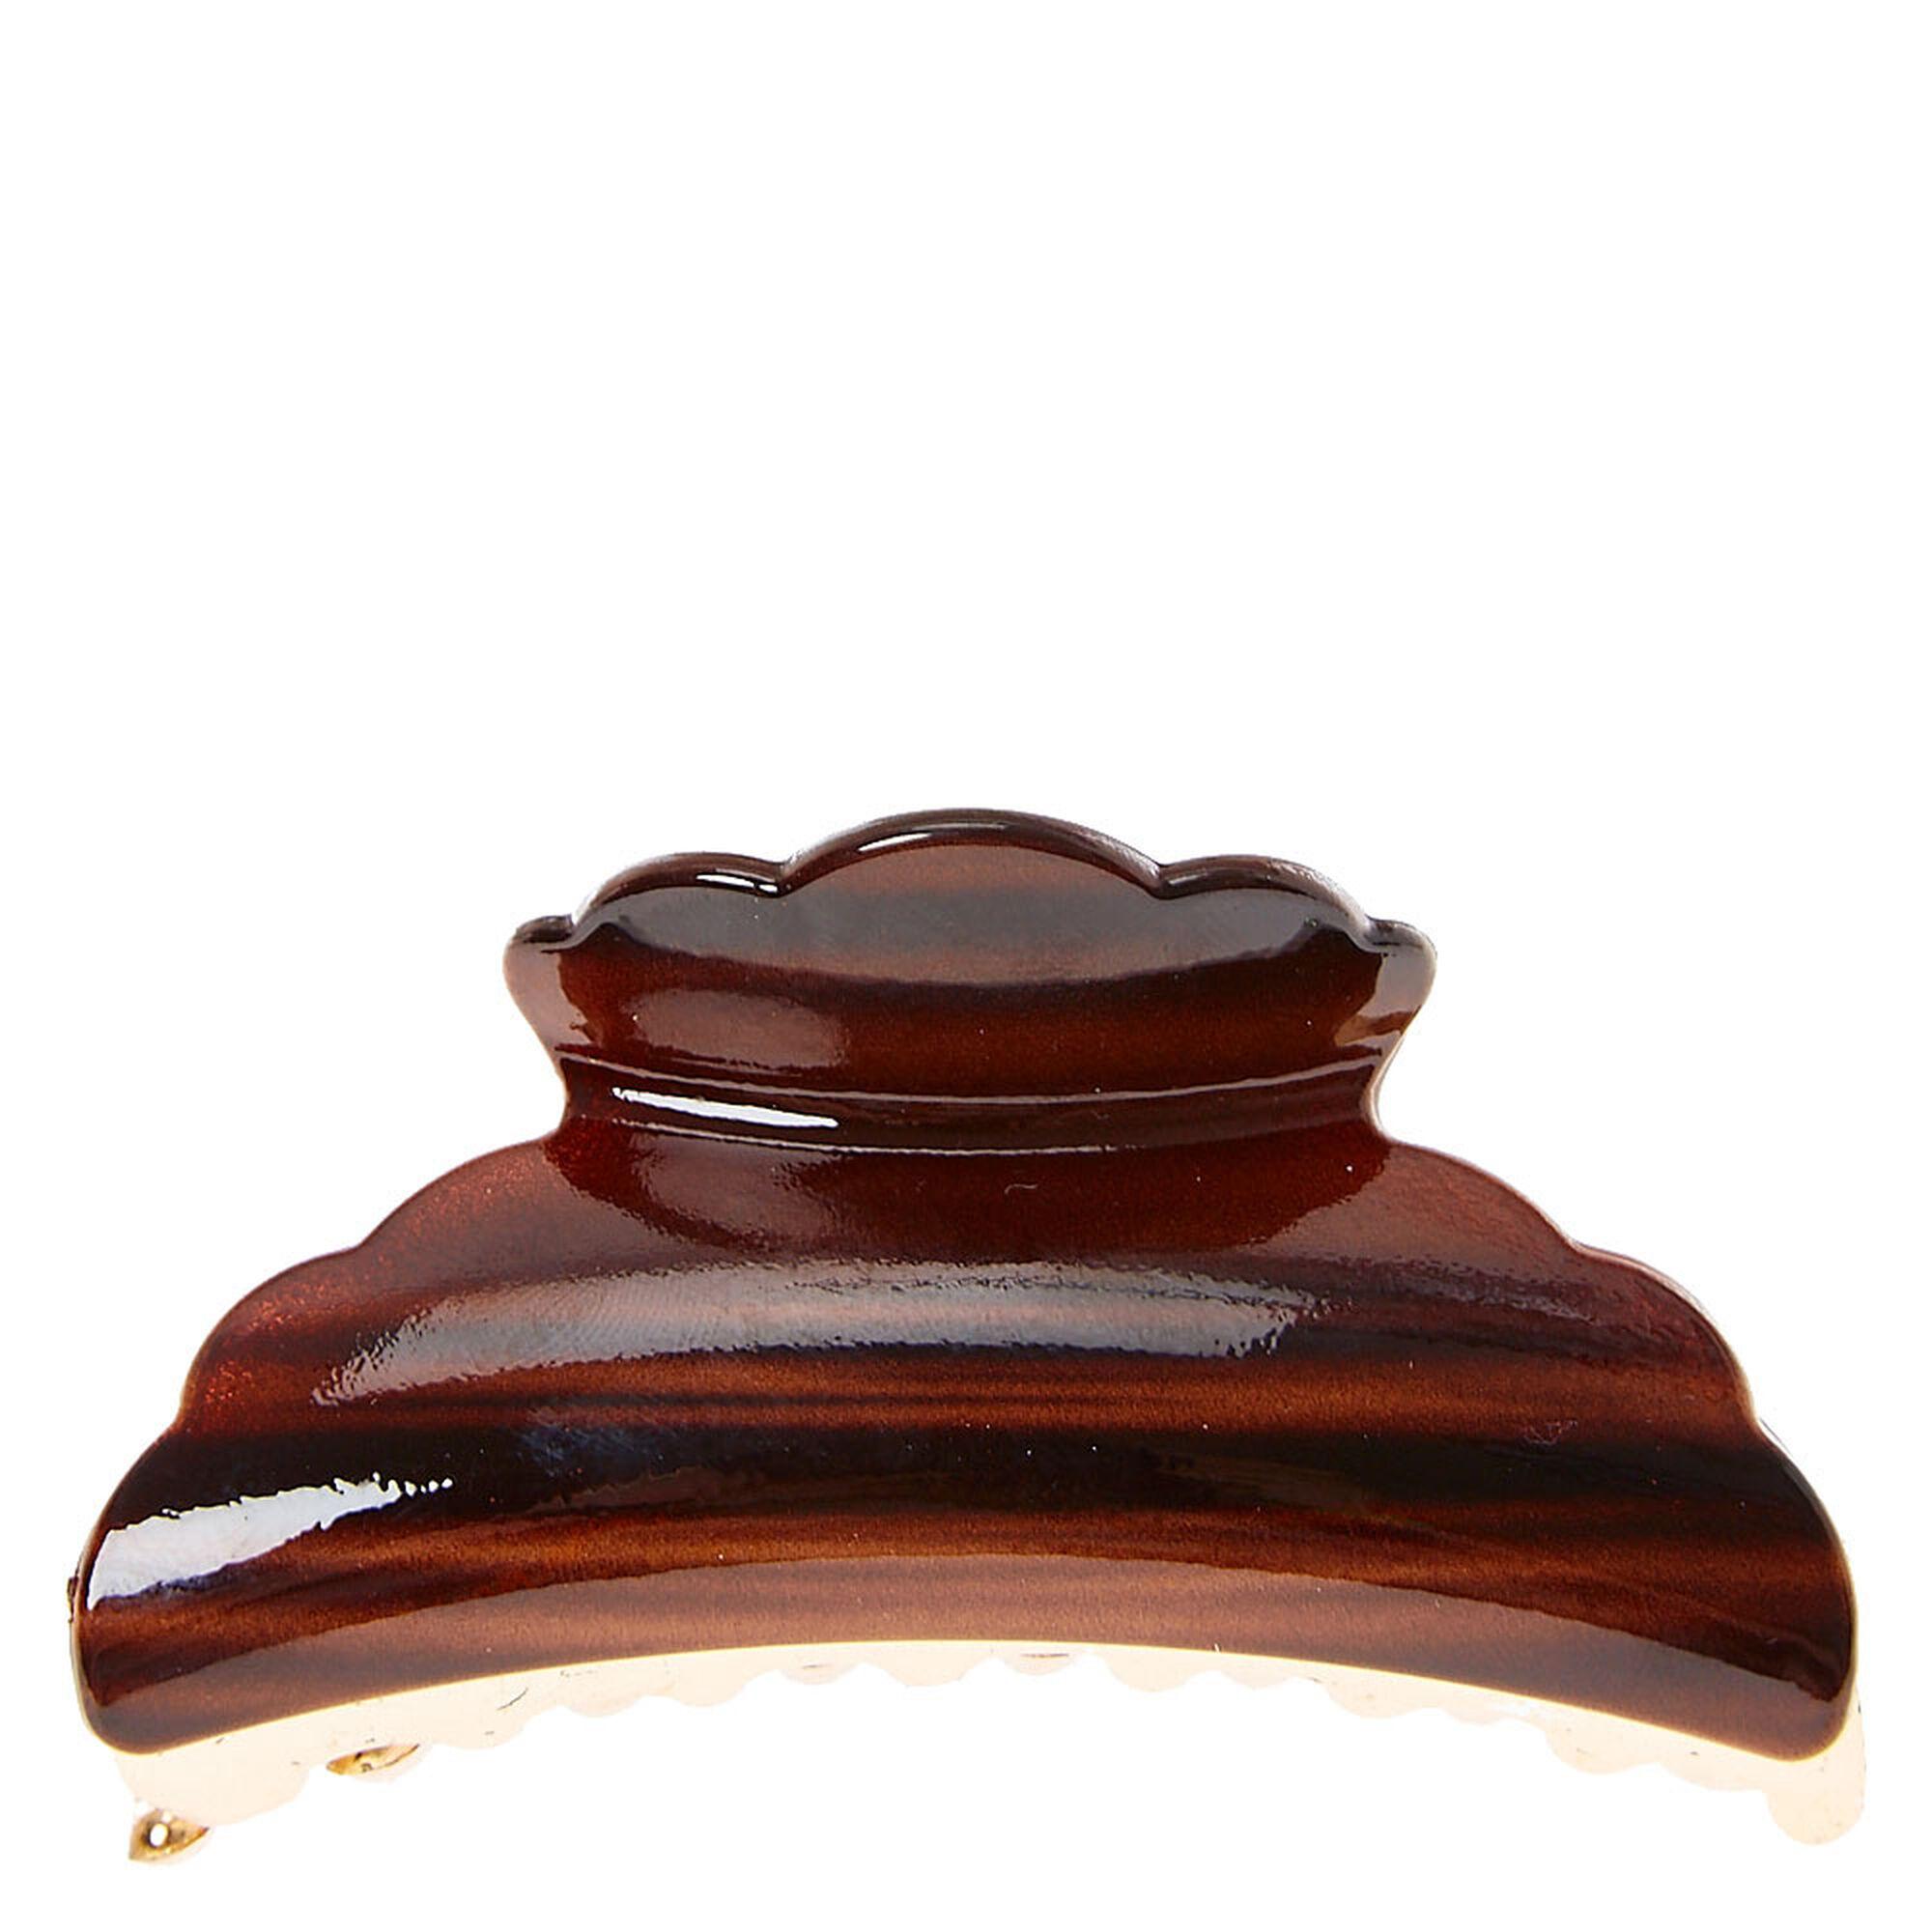 pince à cheveux en bois d'imitation couleur doré et brun | claire's fr